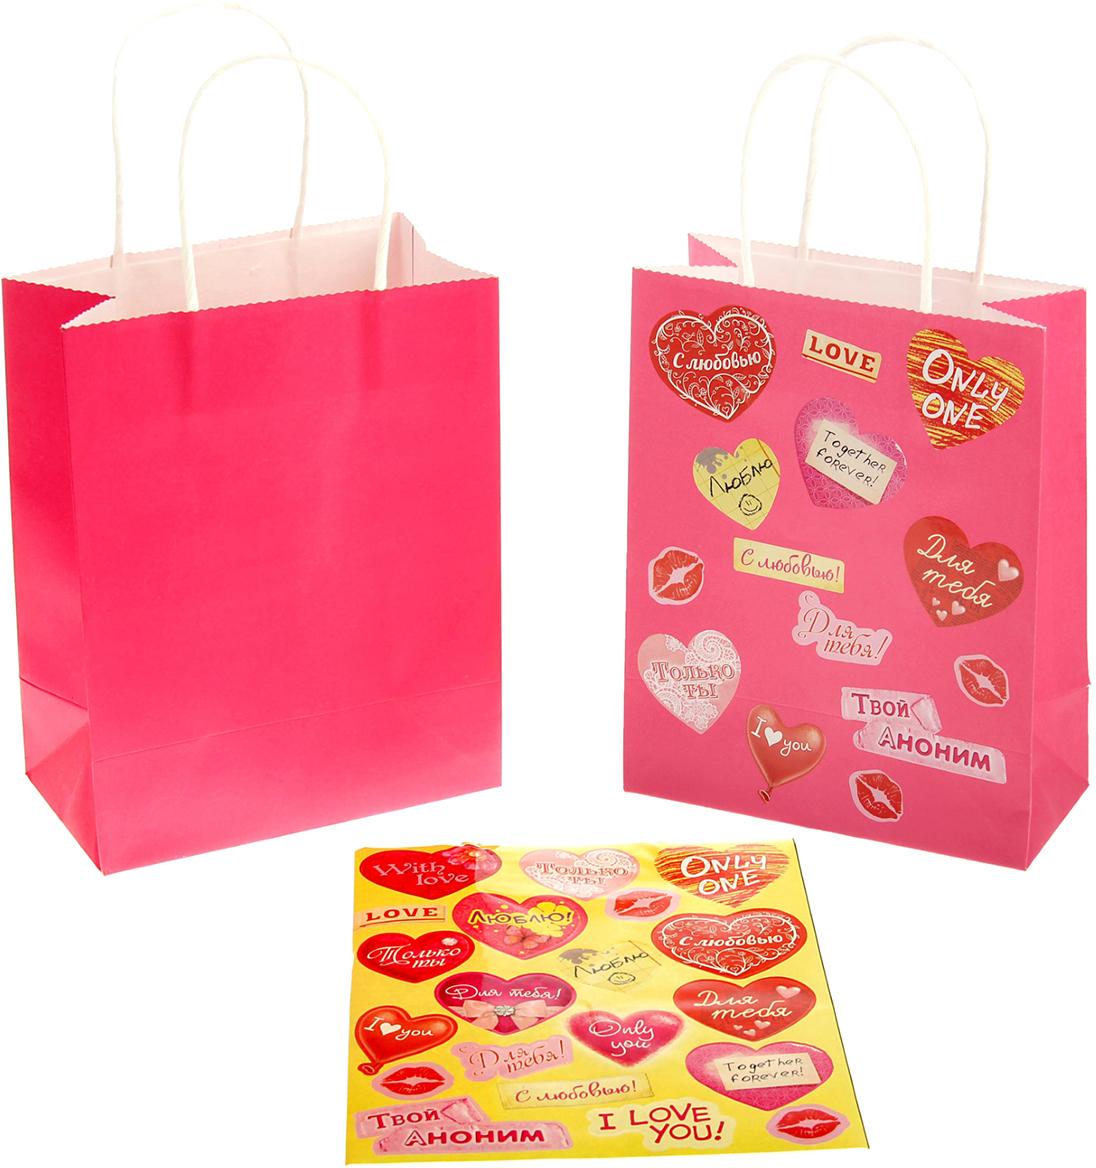 Пакет подарочный Арт Узор С любовью, цвет: розовый, 18 х 23 см. 176349176349Вдохновение приходит с Арт Узор. Подарок, преподнесенный в оригинальной упаковке, всегда будет эффектным и запоминающимся. Порадуйте близких вниманием, вручив им презент в нарядном, праздничном оформлении. Наши крафт-пакеты - идеальное решение! Их отличительными чертами являются однотонный цвет и отсутствие рисунков и логотипов. Продукт можно с легкостью задекорировать, используя наклейки, ленты или бусины. Вы ограничены только своей фантазией!